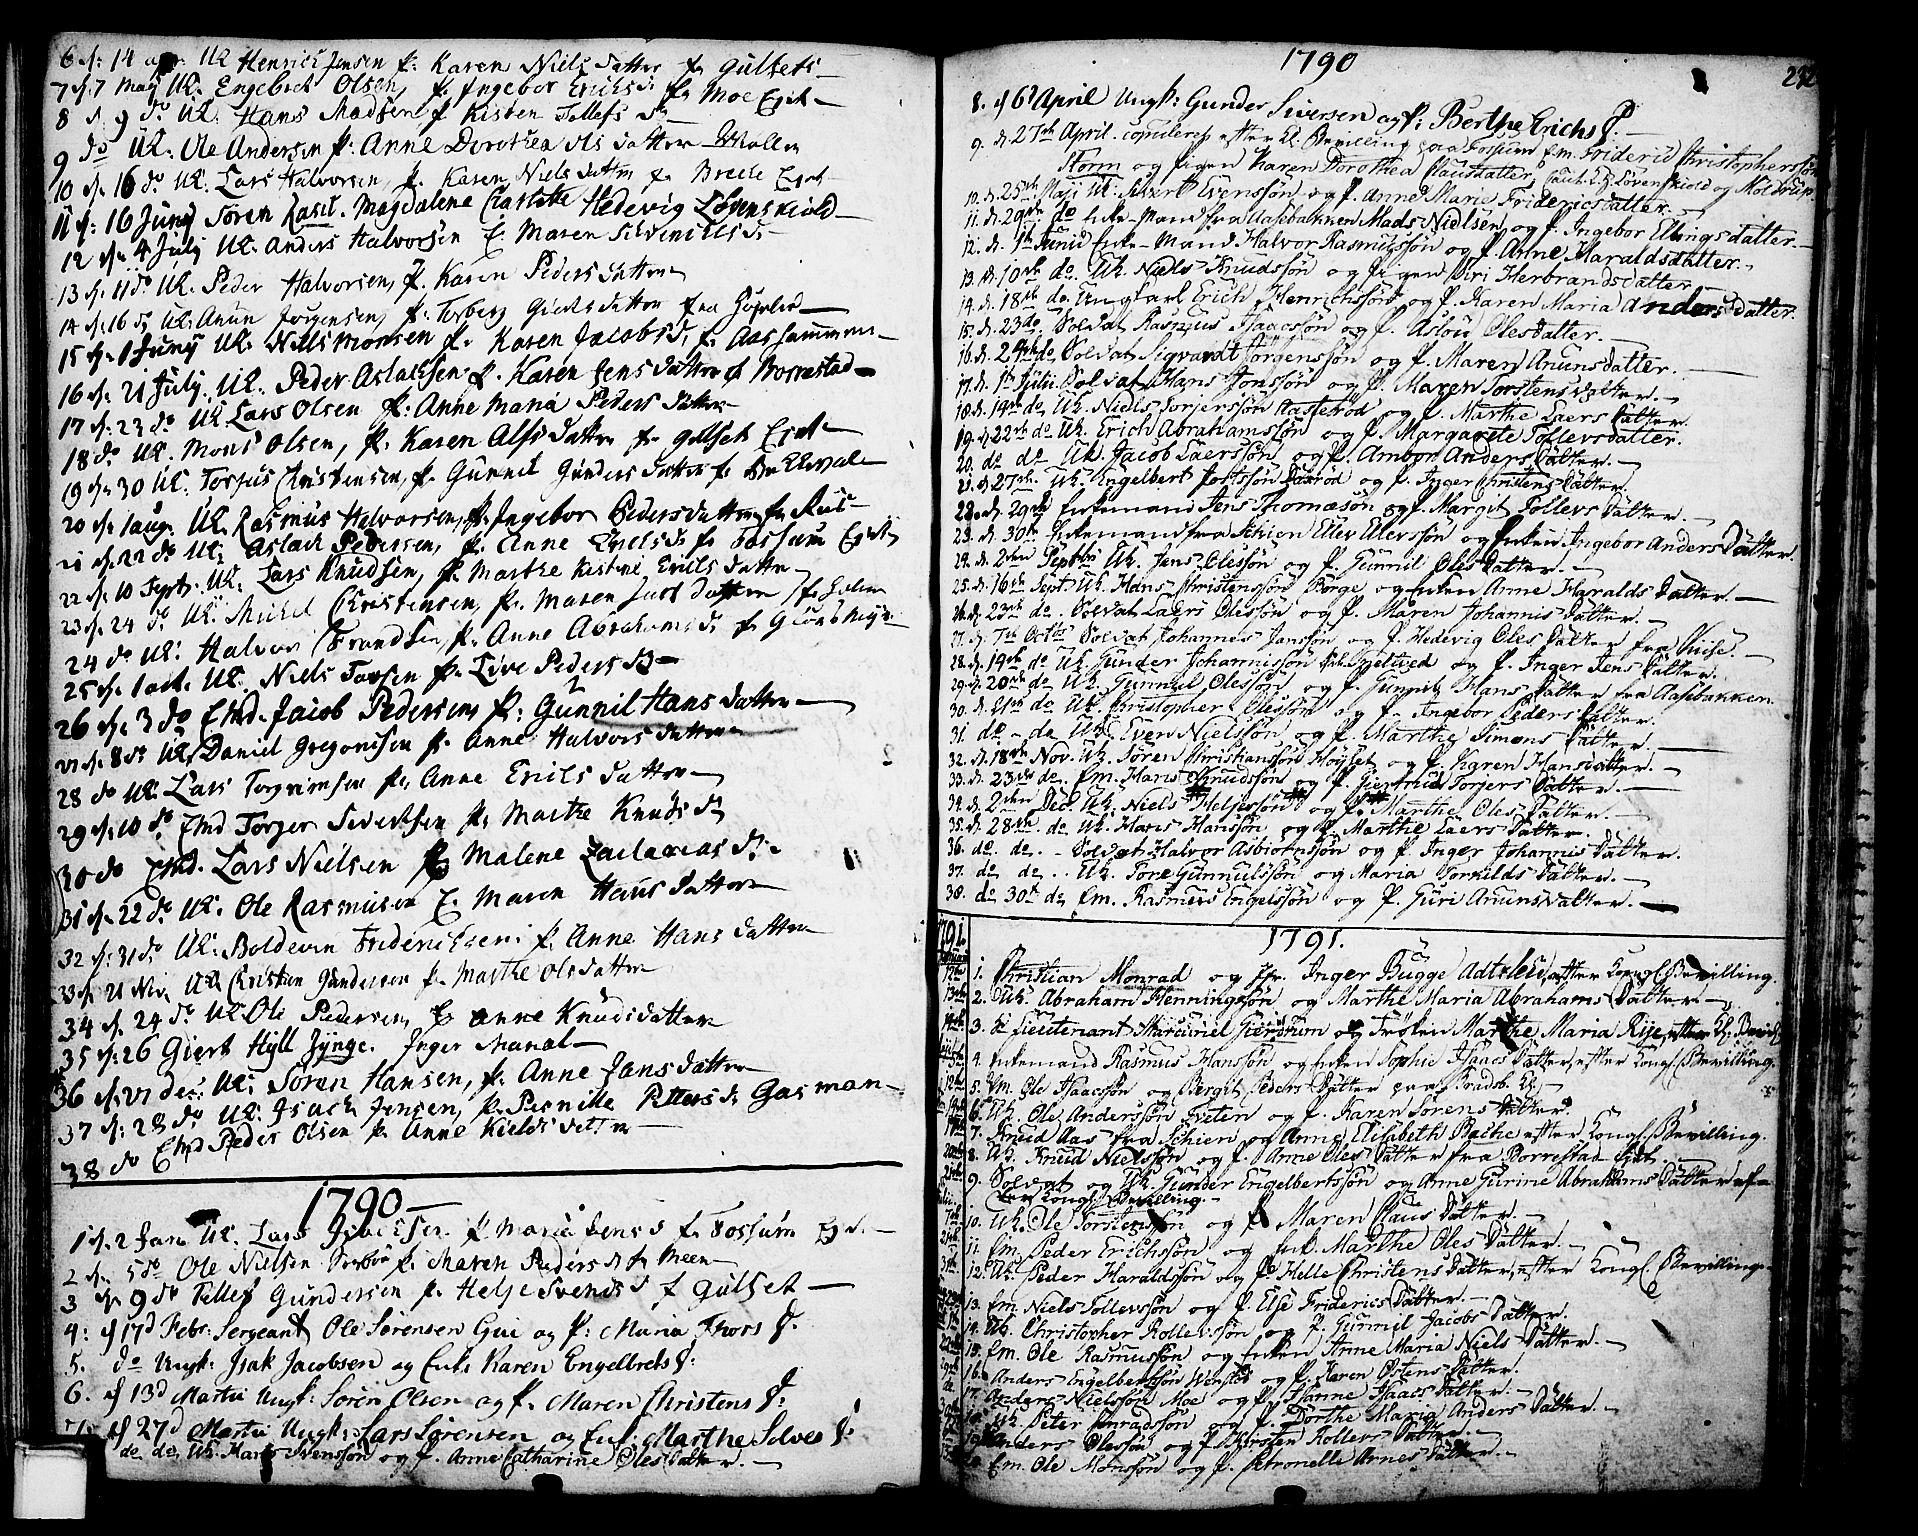 SAKO, Gjerpen kirkebøker, F/Fa/L0002: Ministerialbok nr. 2, 1747-1795, s. 232